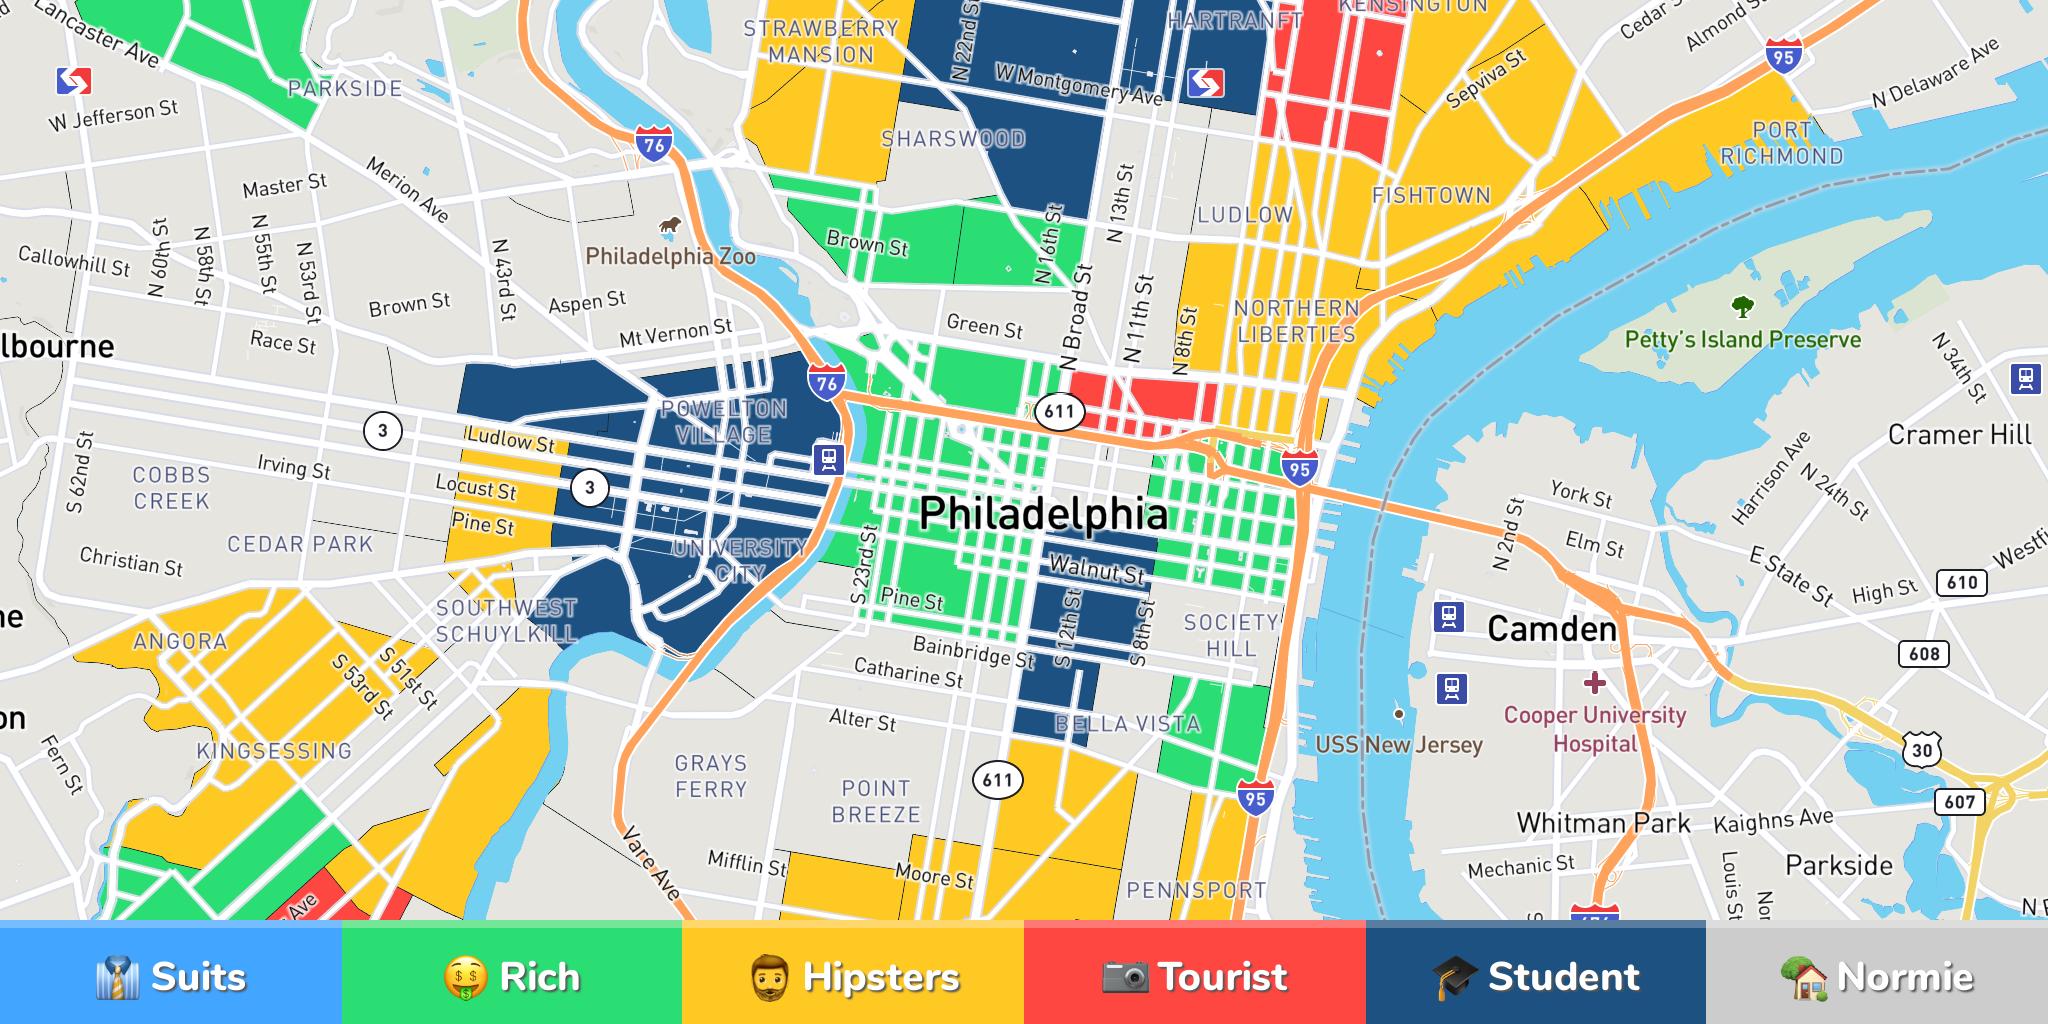 Philadelphia Neighborhood Map - Philadelphia map